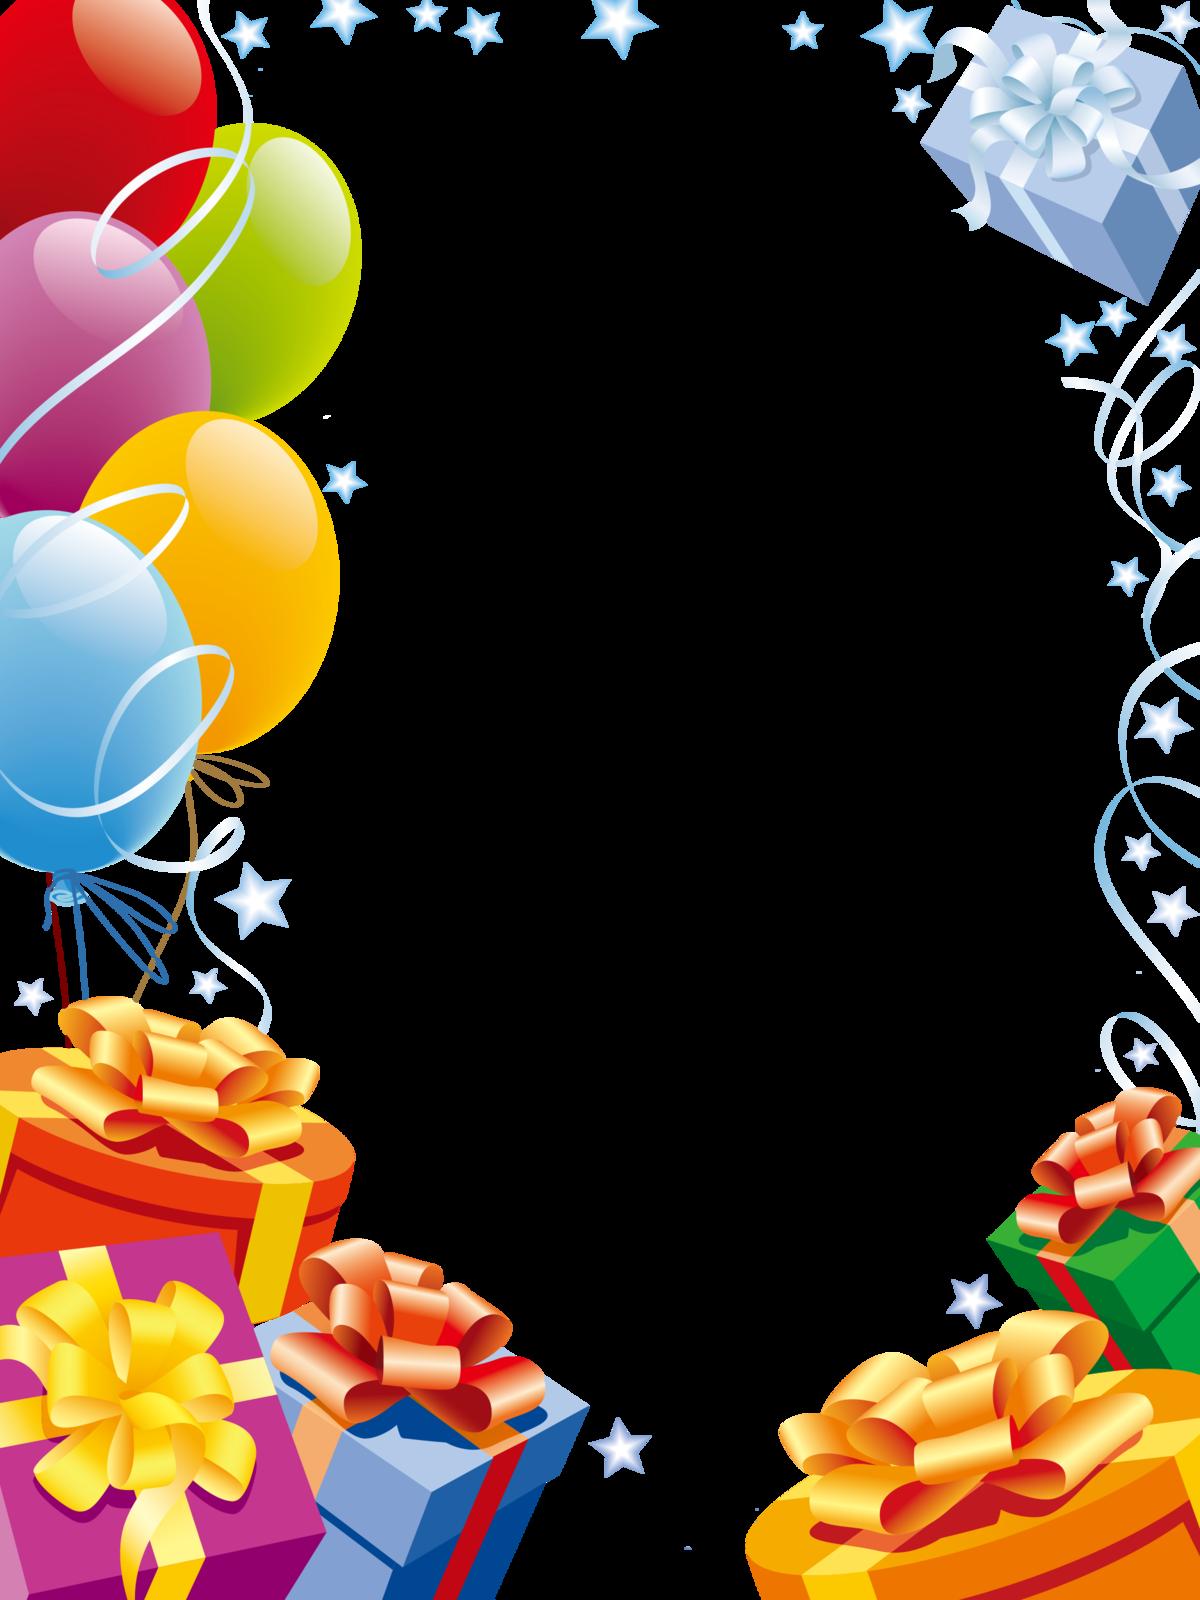 Картинка с днем рождения для фона, картинки